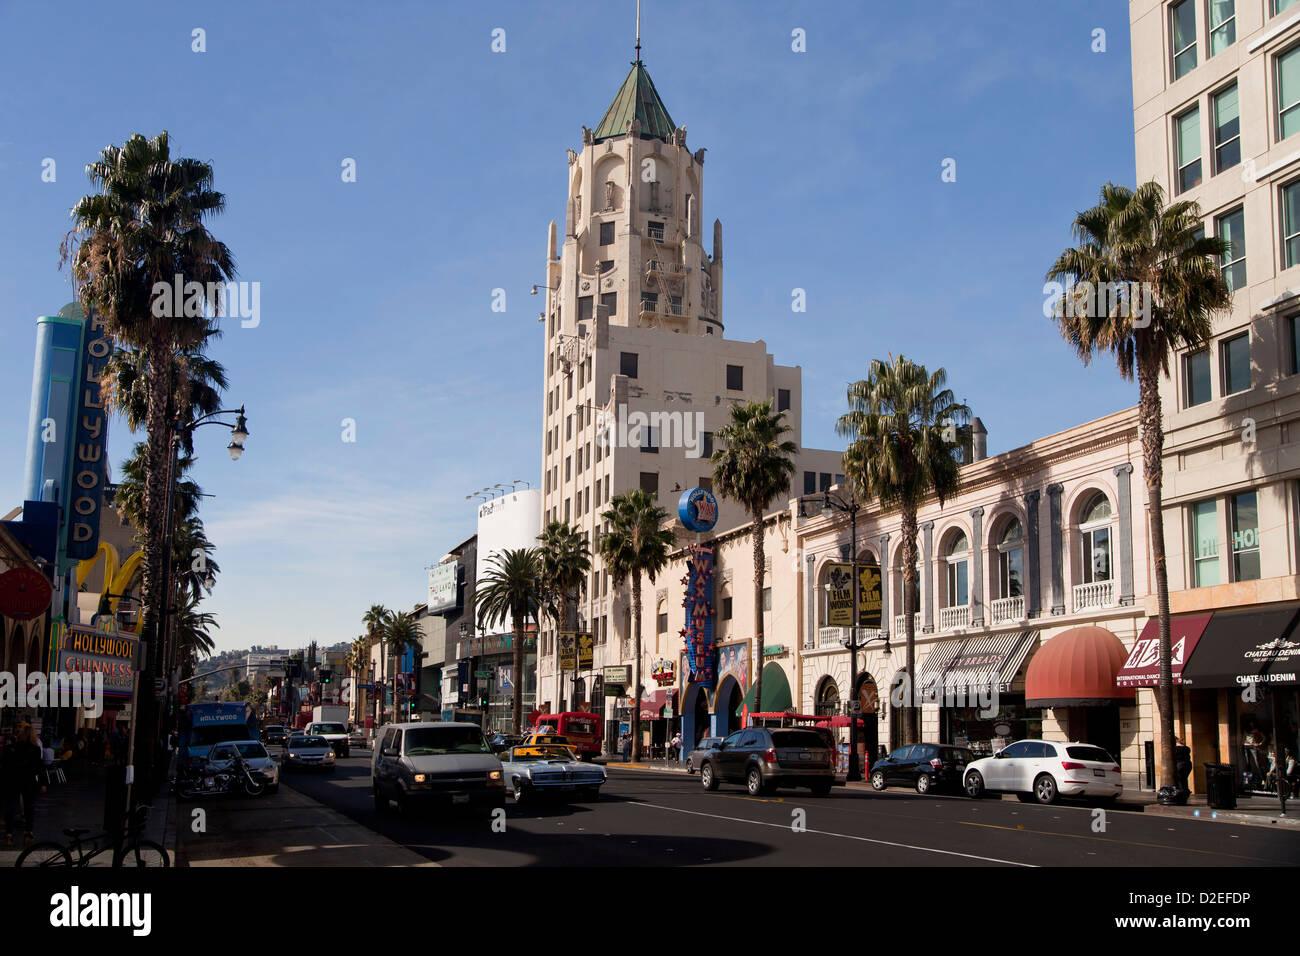 Verkehr auf dem Hollywood Boulevard in Hollywood, Los Angeles, California, Vereinigte Staaten von Amerika, USA Stockbild